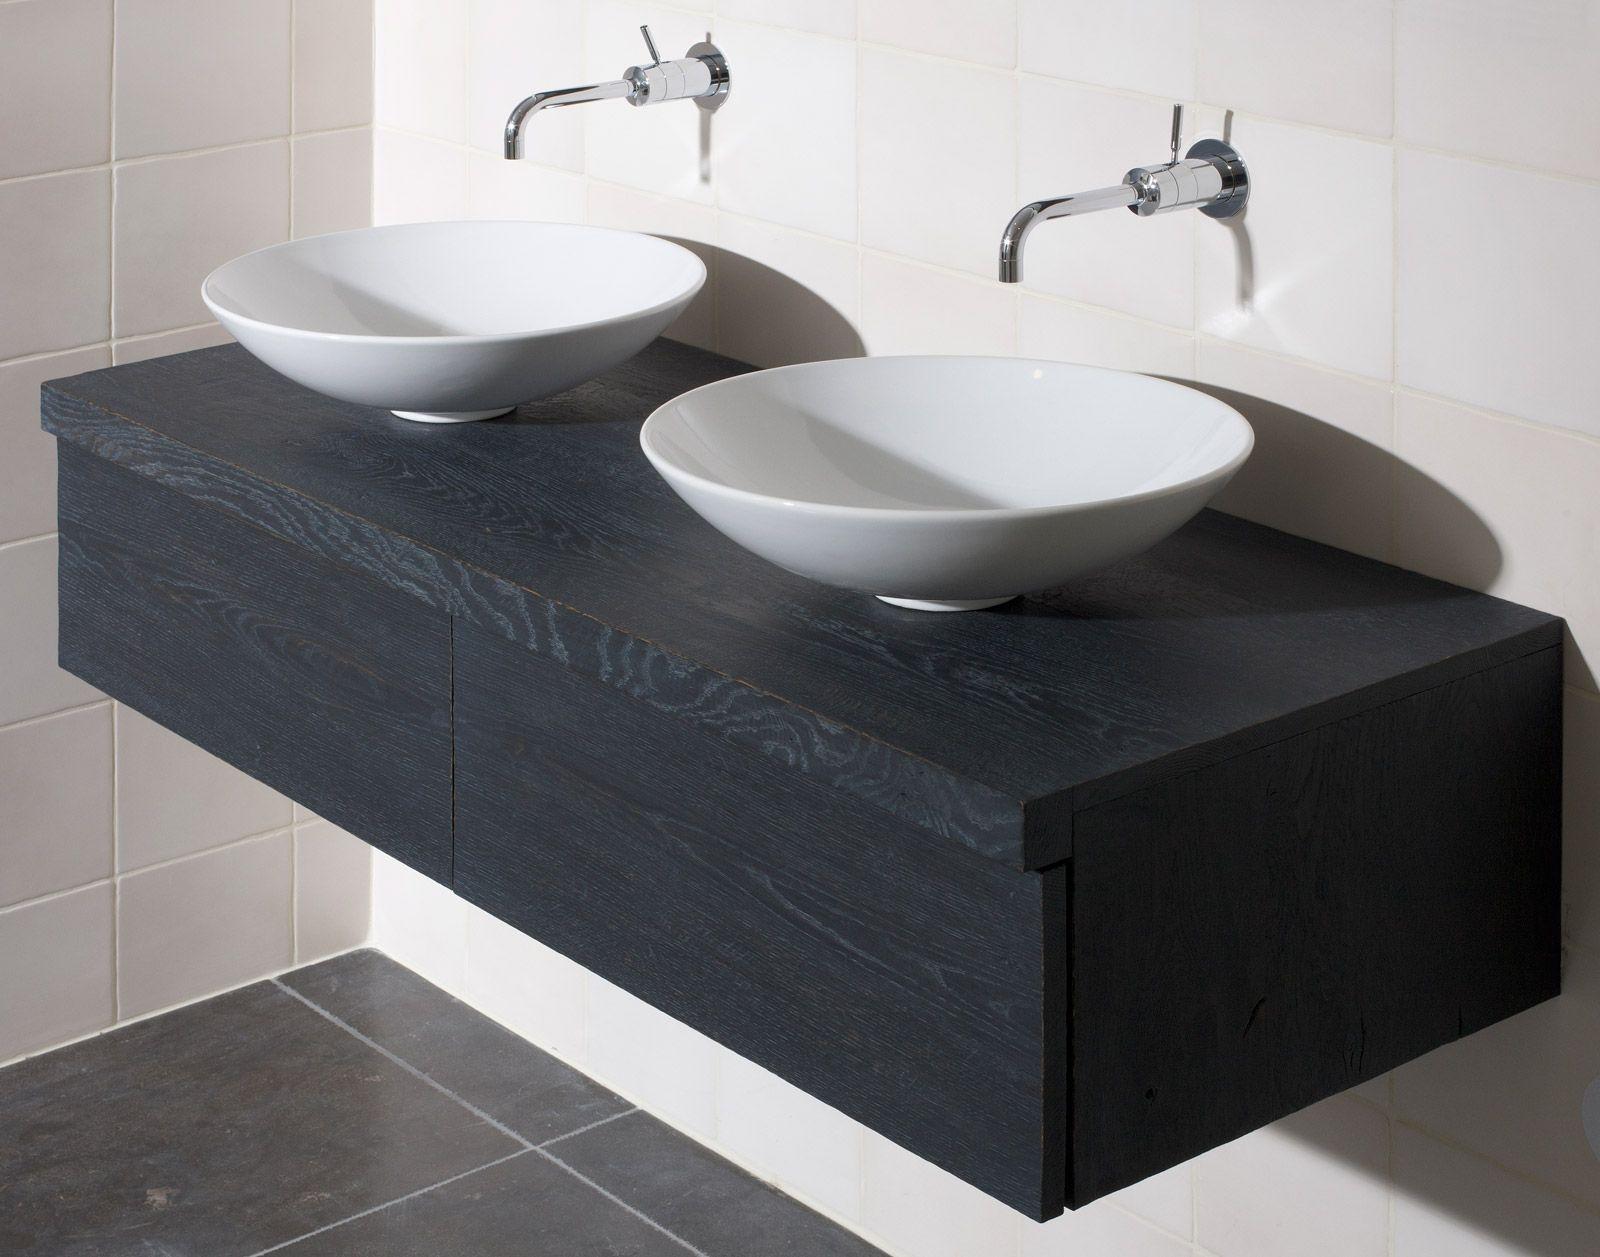 Badkamer wasbak kom. elegant badkamer waskom foto aan badkamer